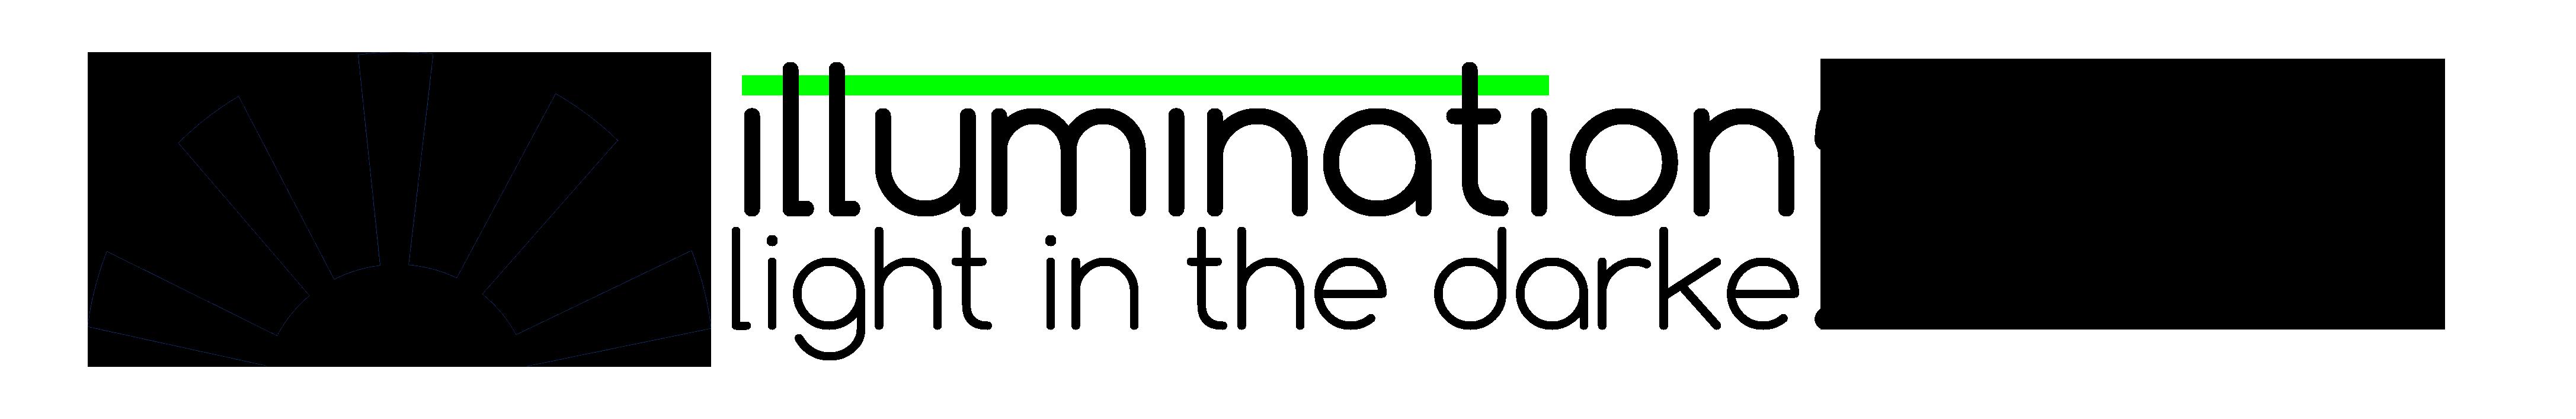 Illumination 2021